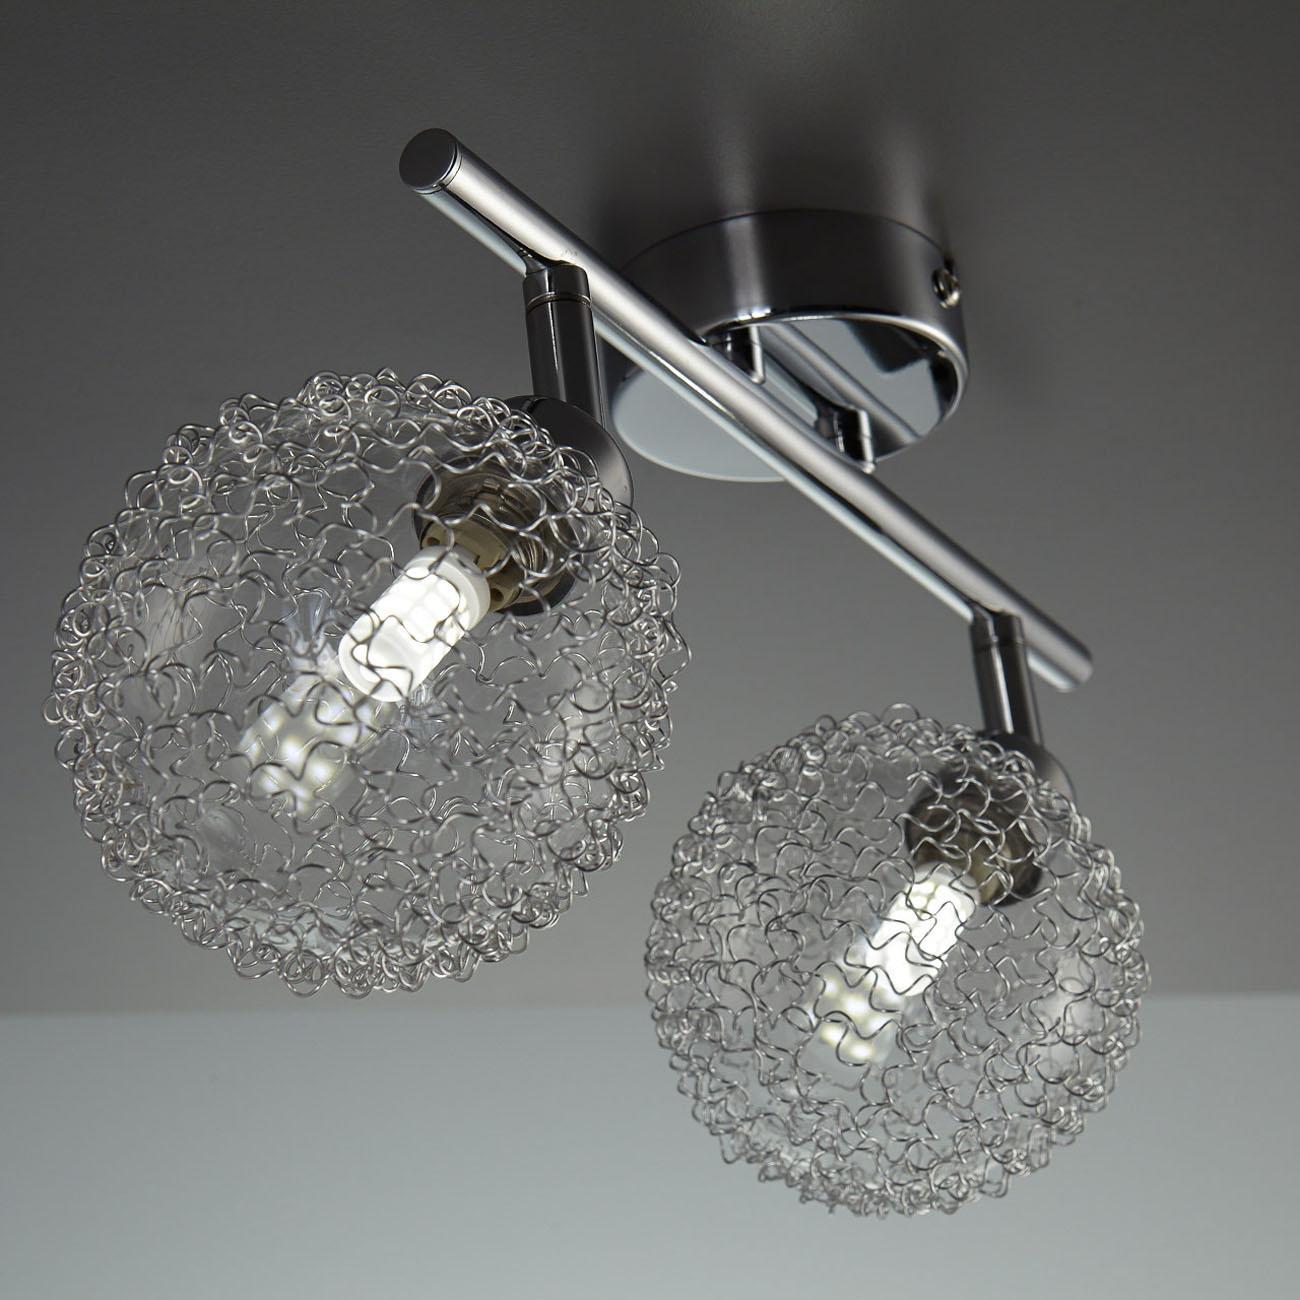 LED Design Deckenleuchte mit Glaskugeln 2-flammig - 3